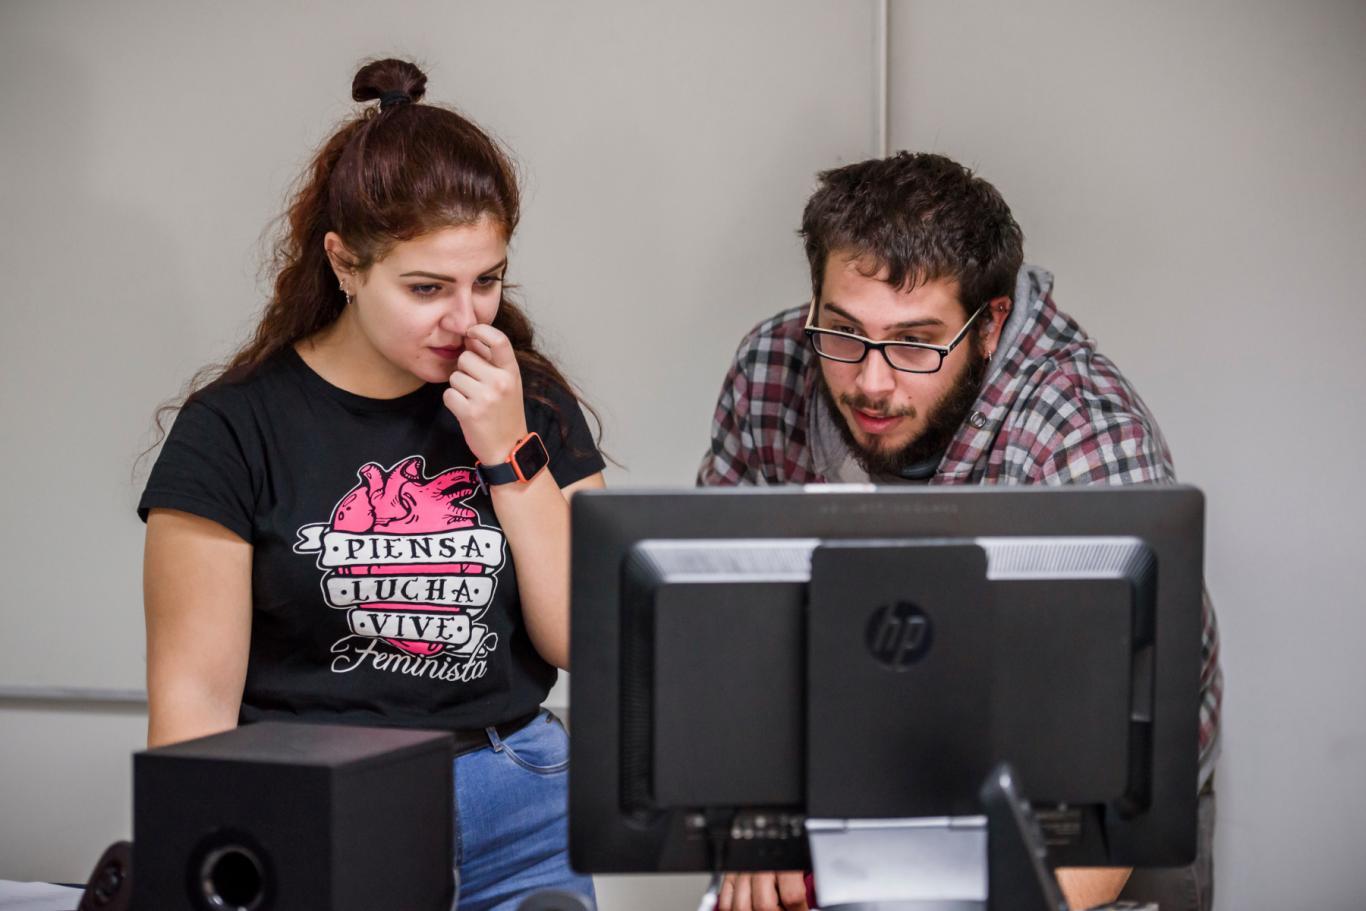 Dos jóvenes frente a un ordenador